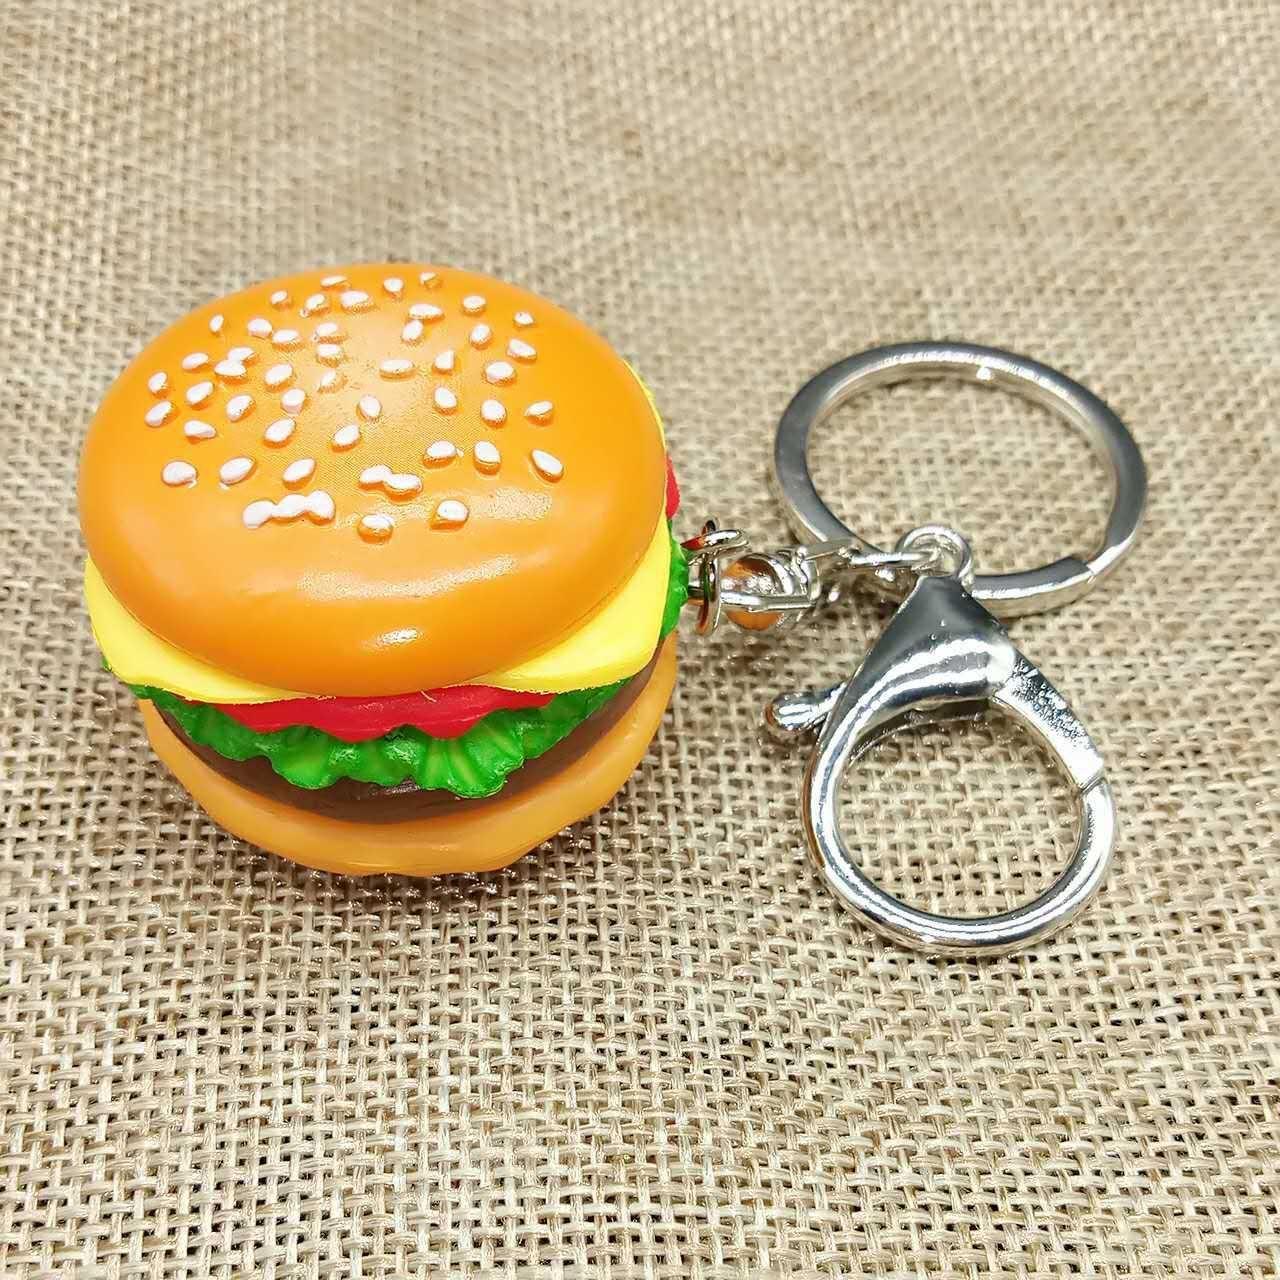 Karikatur Kreative Artificial Hamburger Keychain DIY handgemachte Zusätze Harz Lebensmittel Handy-Shell-Beutel-Anhänger Ornaments